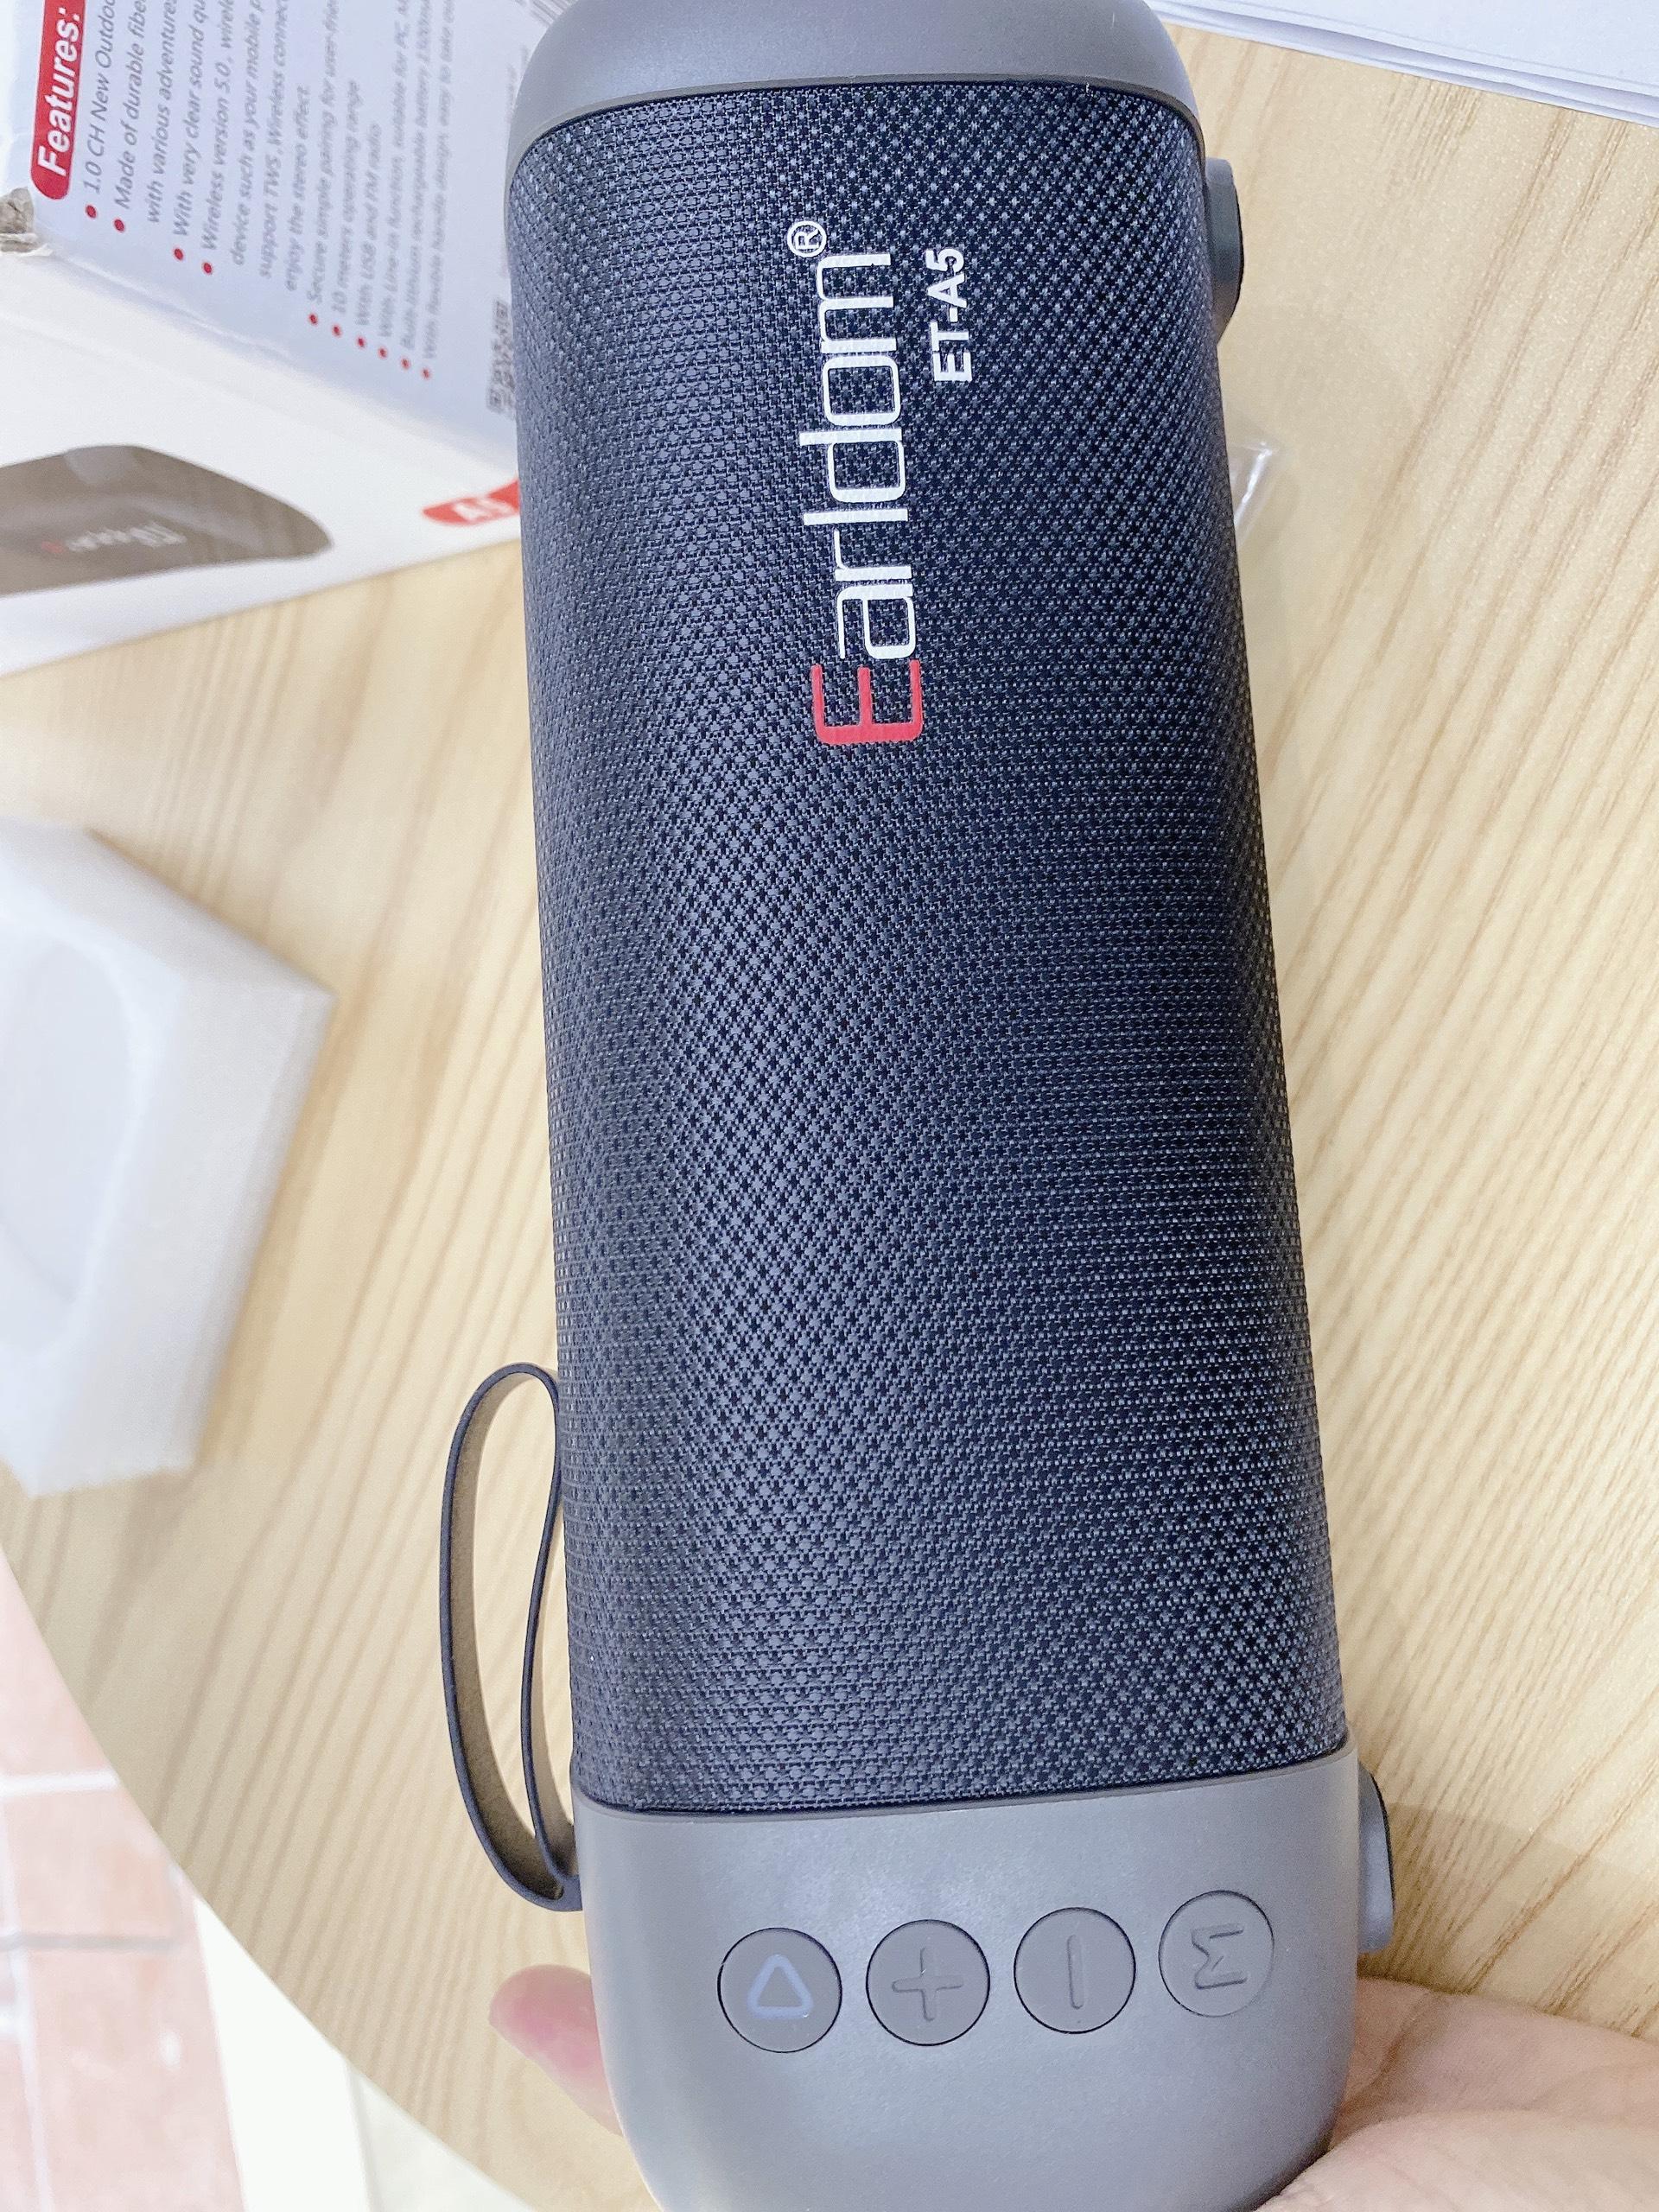 Loa Bluetooth Earldom ET-A5 hàng chính hãng